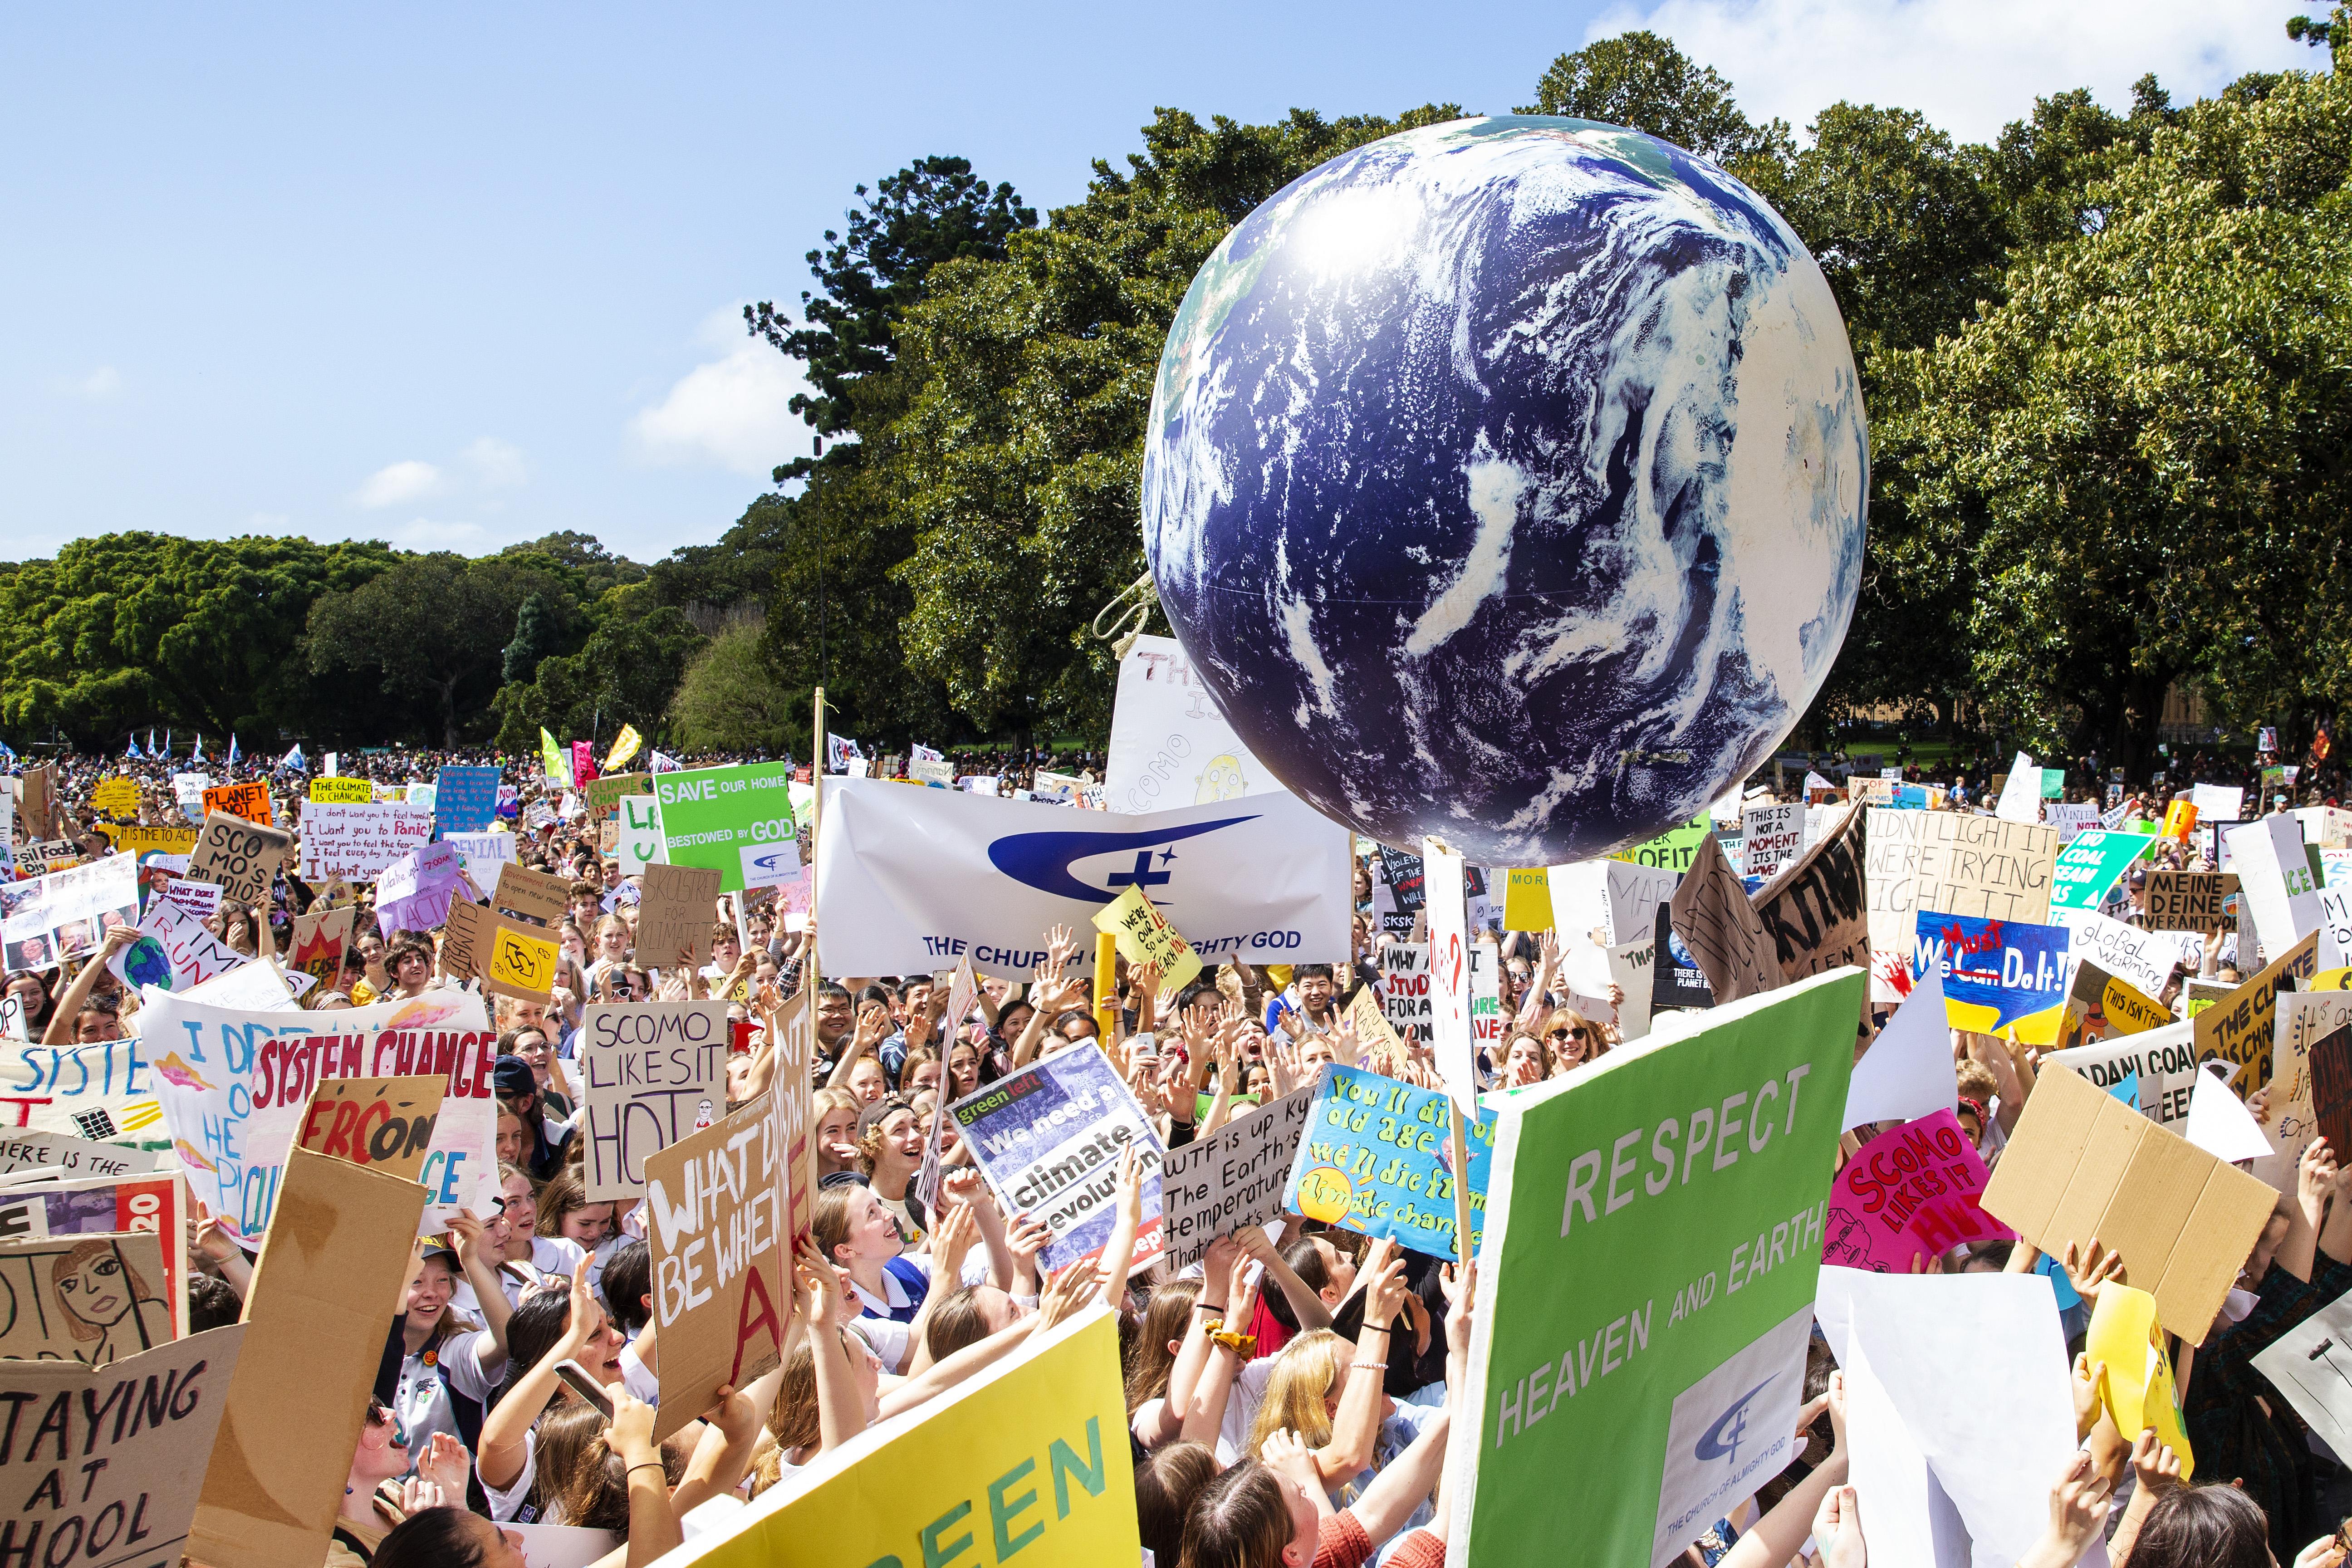 Omenirea iese in strada pentru salvarea Planetei. Oraşele lumii, ocupate de tinerii hotaraţi sa opreasca schimbarile climatice